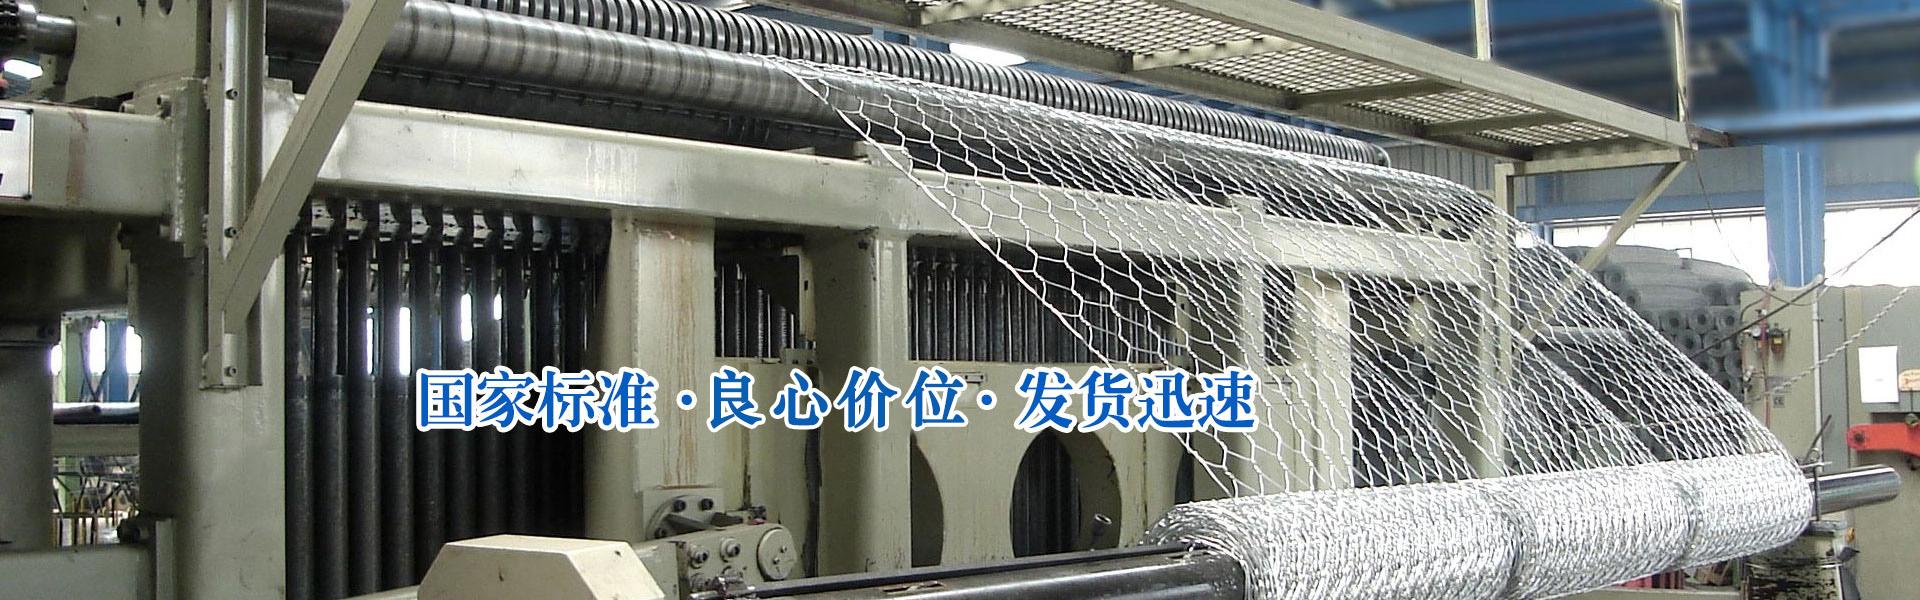 绿滨垫,景观石笼,雷诺护垫,电焊石笼网,固滨笼,石笼网,隔宾挡墙,加筋石笼网,铅丝石笼,格宾网